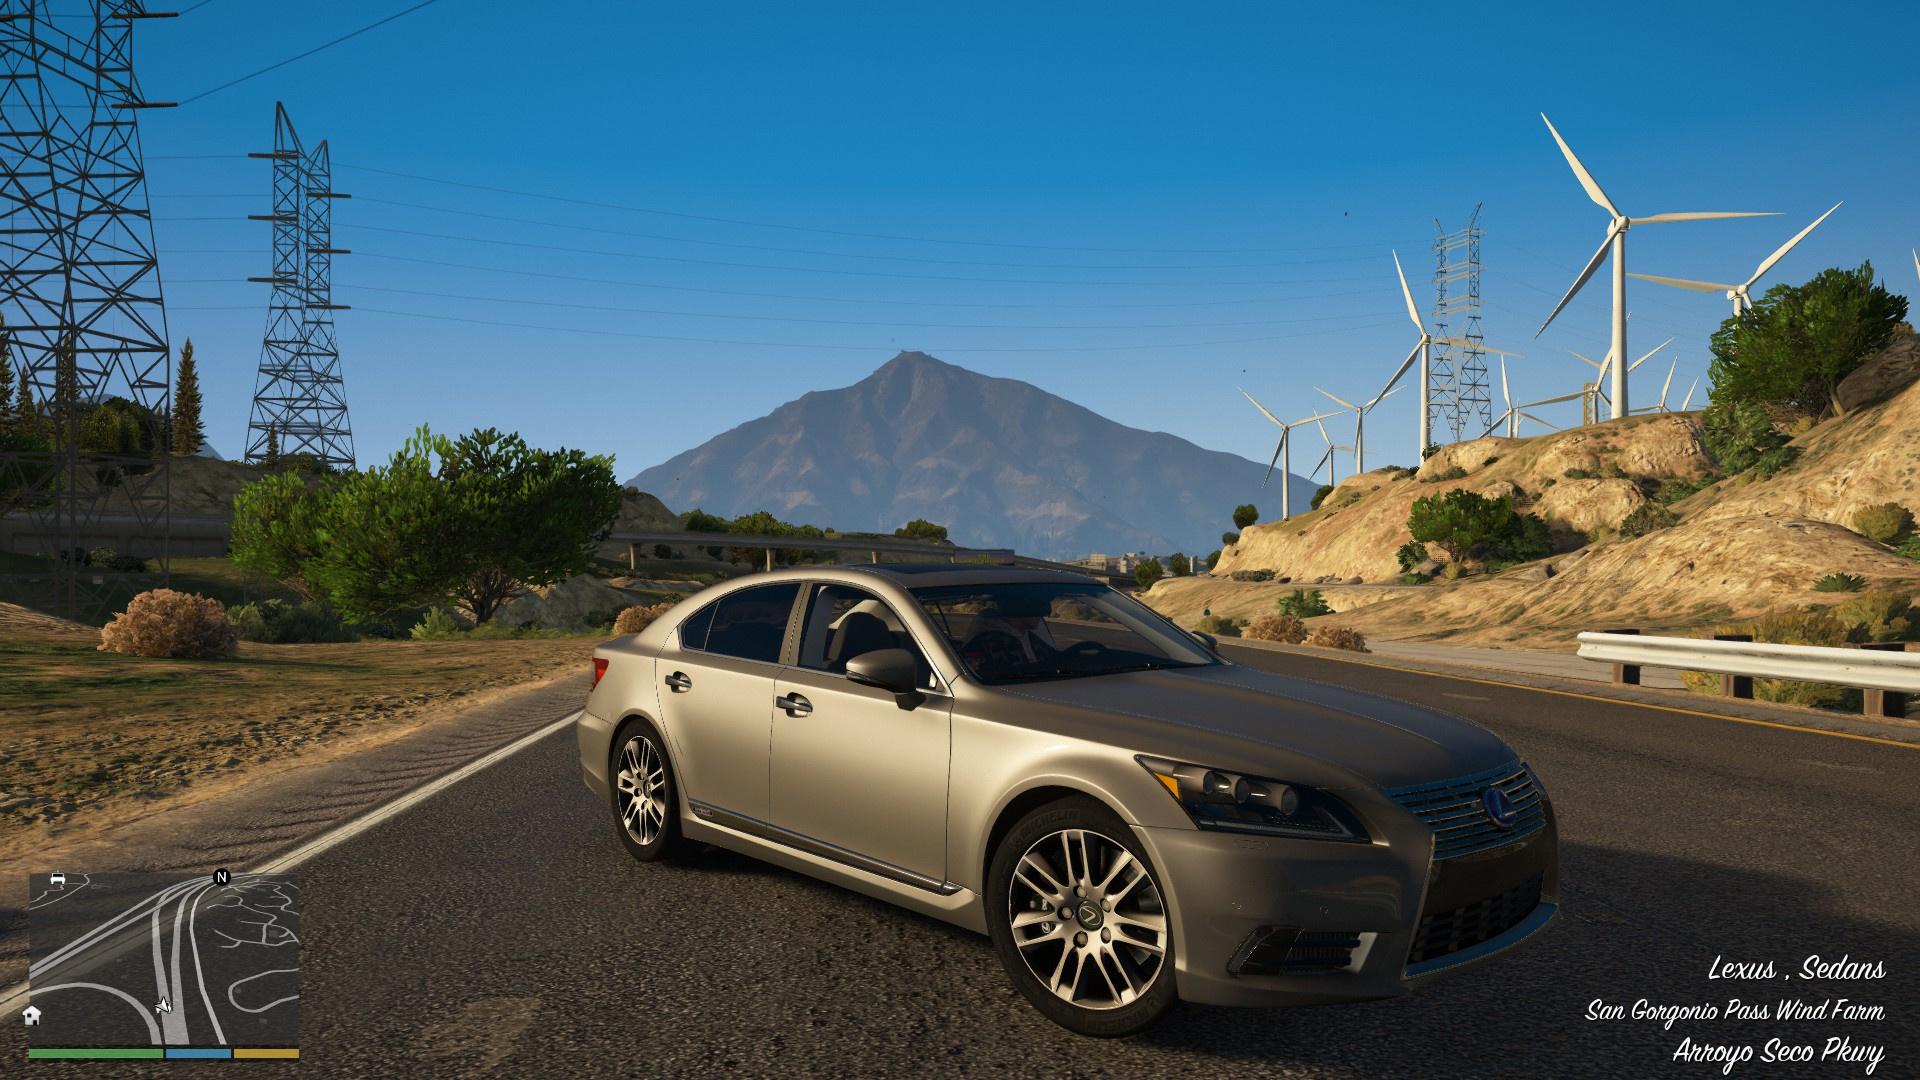 Real Life Car Location Names Gta5 Mods Com